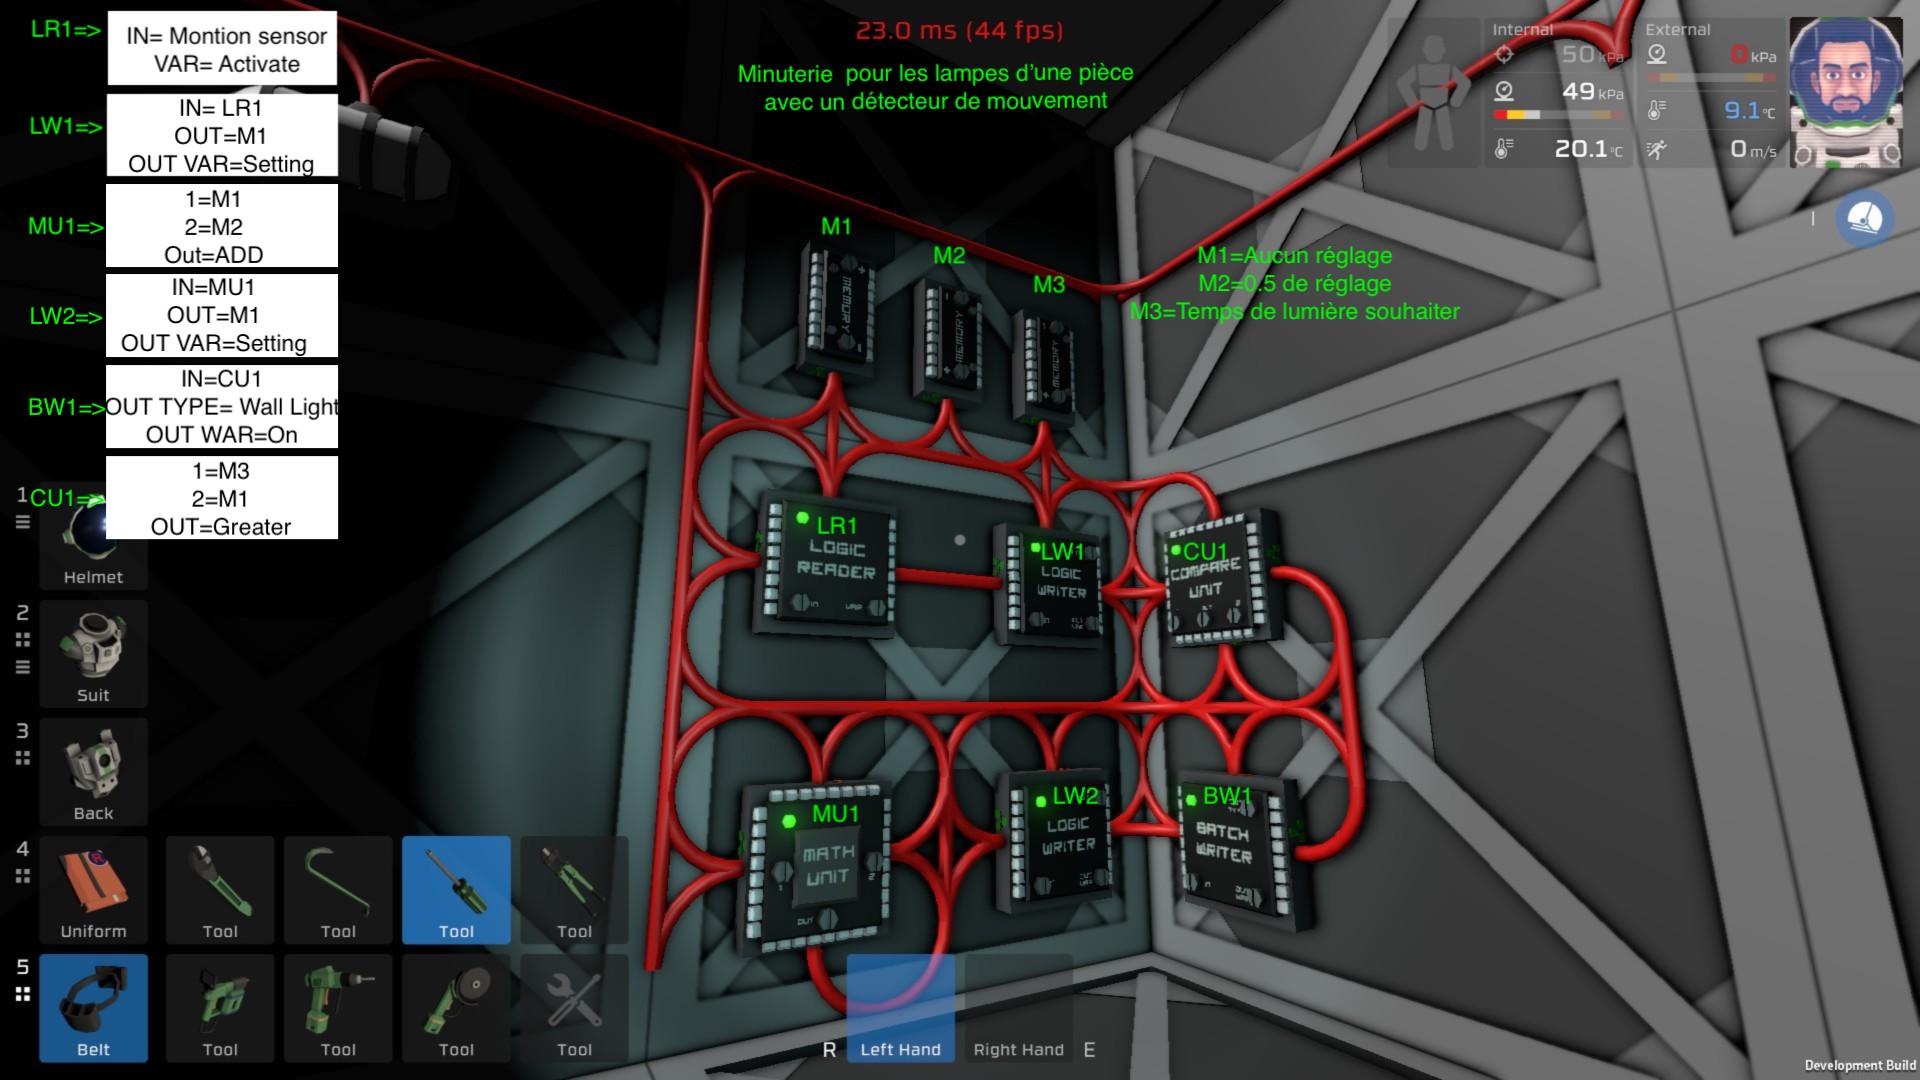 Minuterie pour automatiser l'alumage des lampes gràce au capteur de mouvement. Minuterie